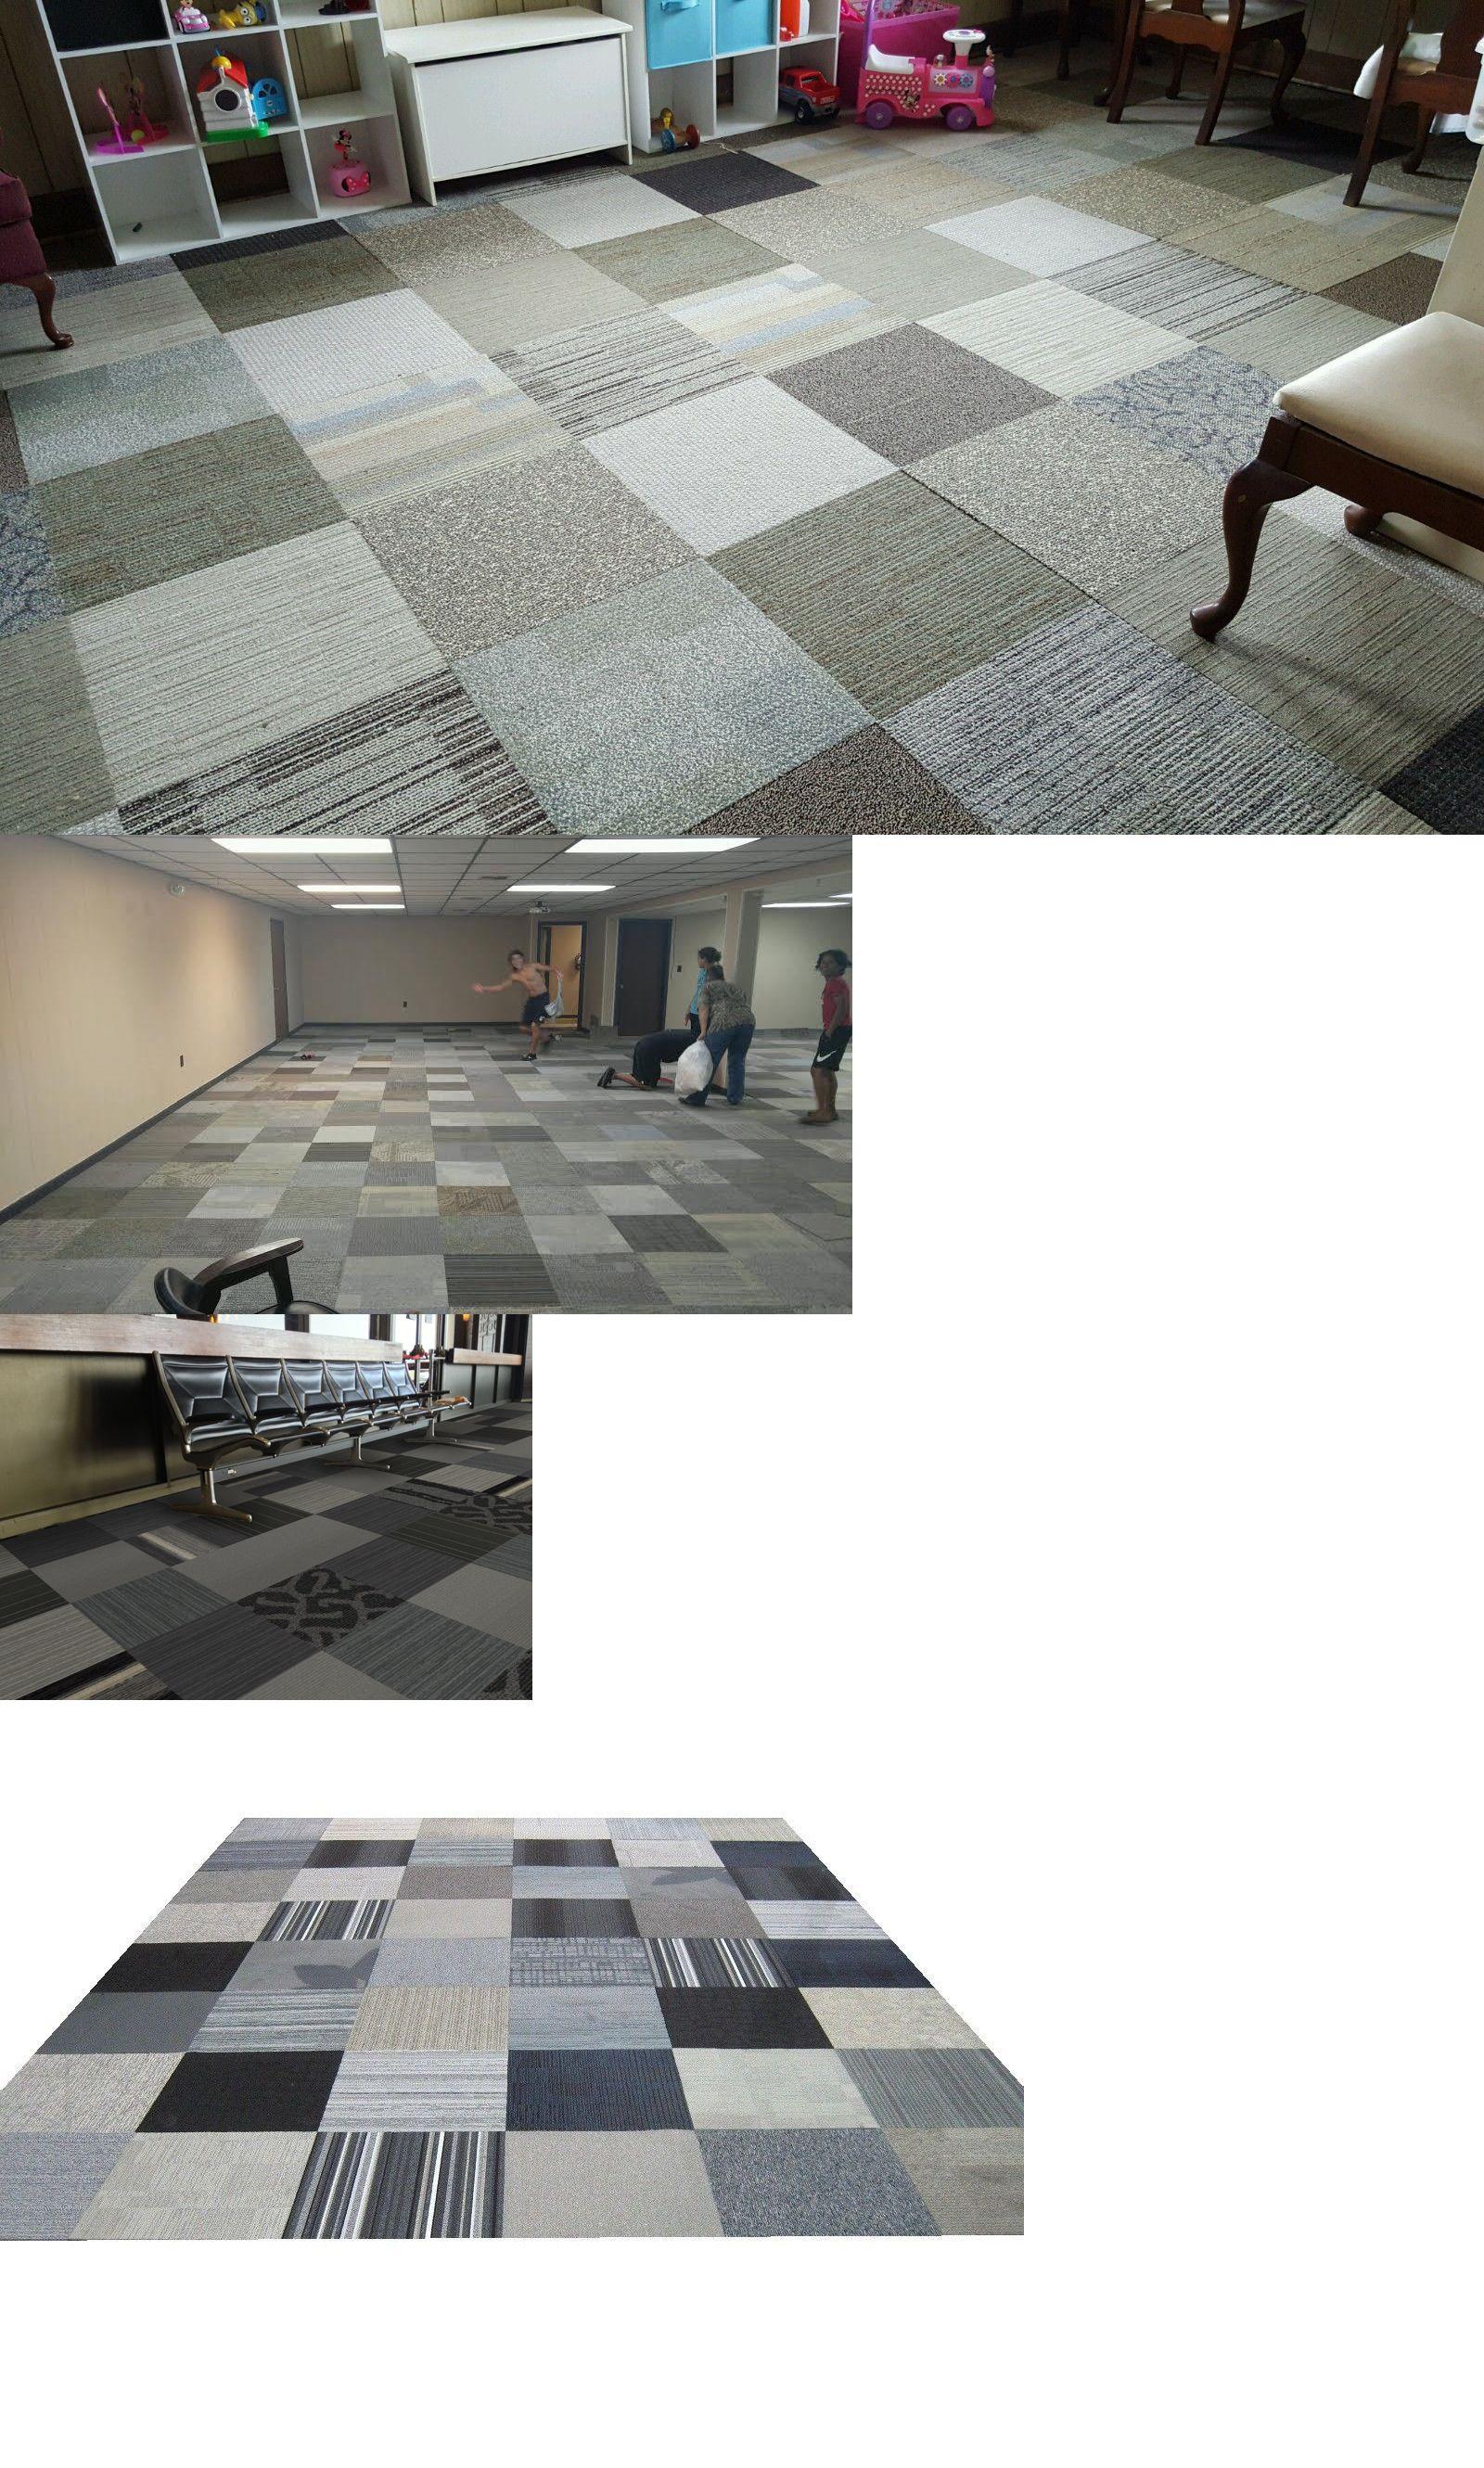 528 Sq Ft Shaw Brand New Carpet Tile Square Tiles Gray Black Silver Modular Carpet Tiles New Carpet Square Tile